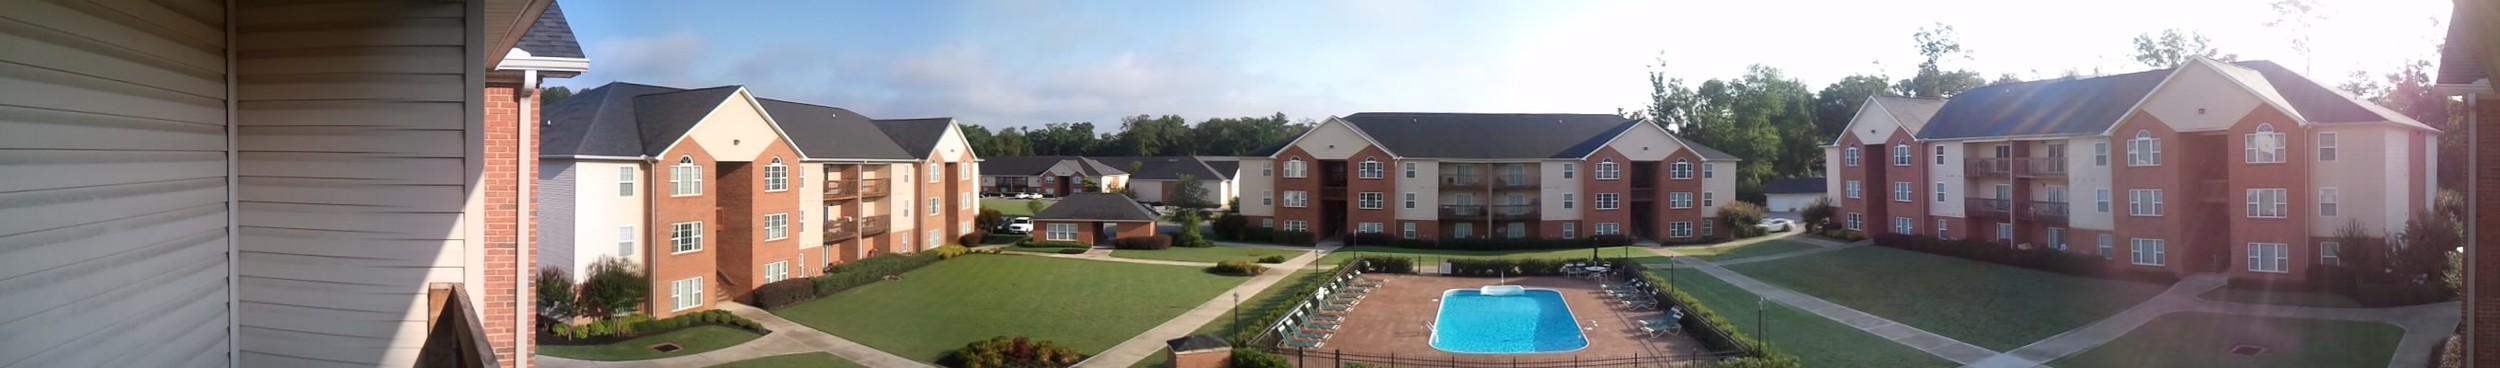 Upper view court yard.jpg